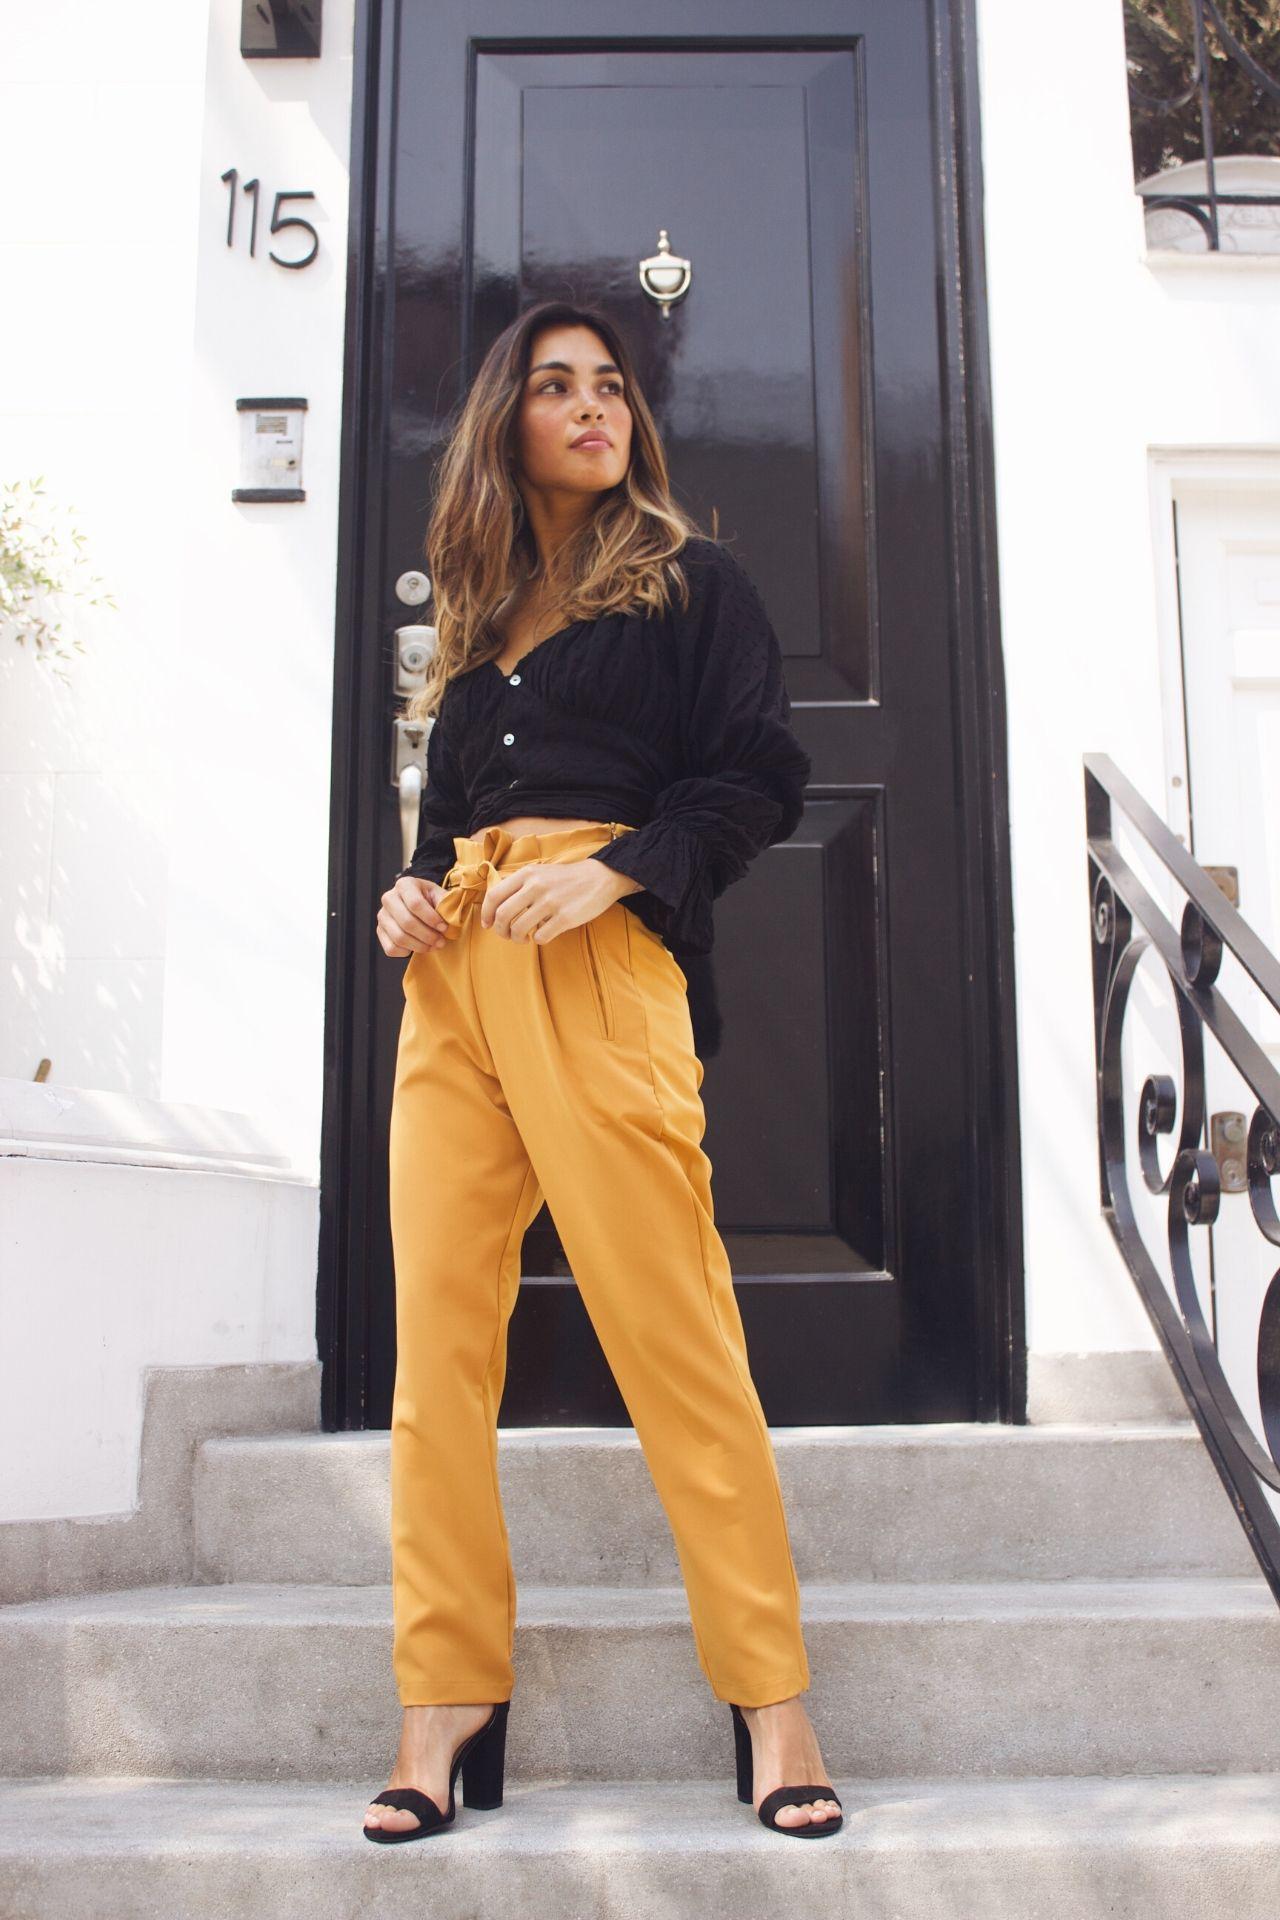 Pantalón de tela de algodón con spandex.  La tela no se arruga.  Tiene un cinturón para amarrarlo a la cintura.  El color del pantalón es tal cual la foto: naranja tirando a mostaza.